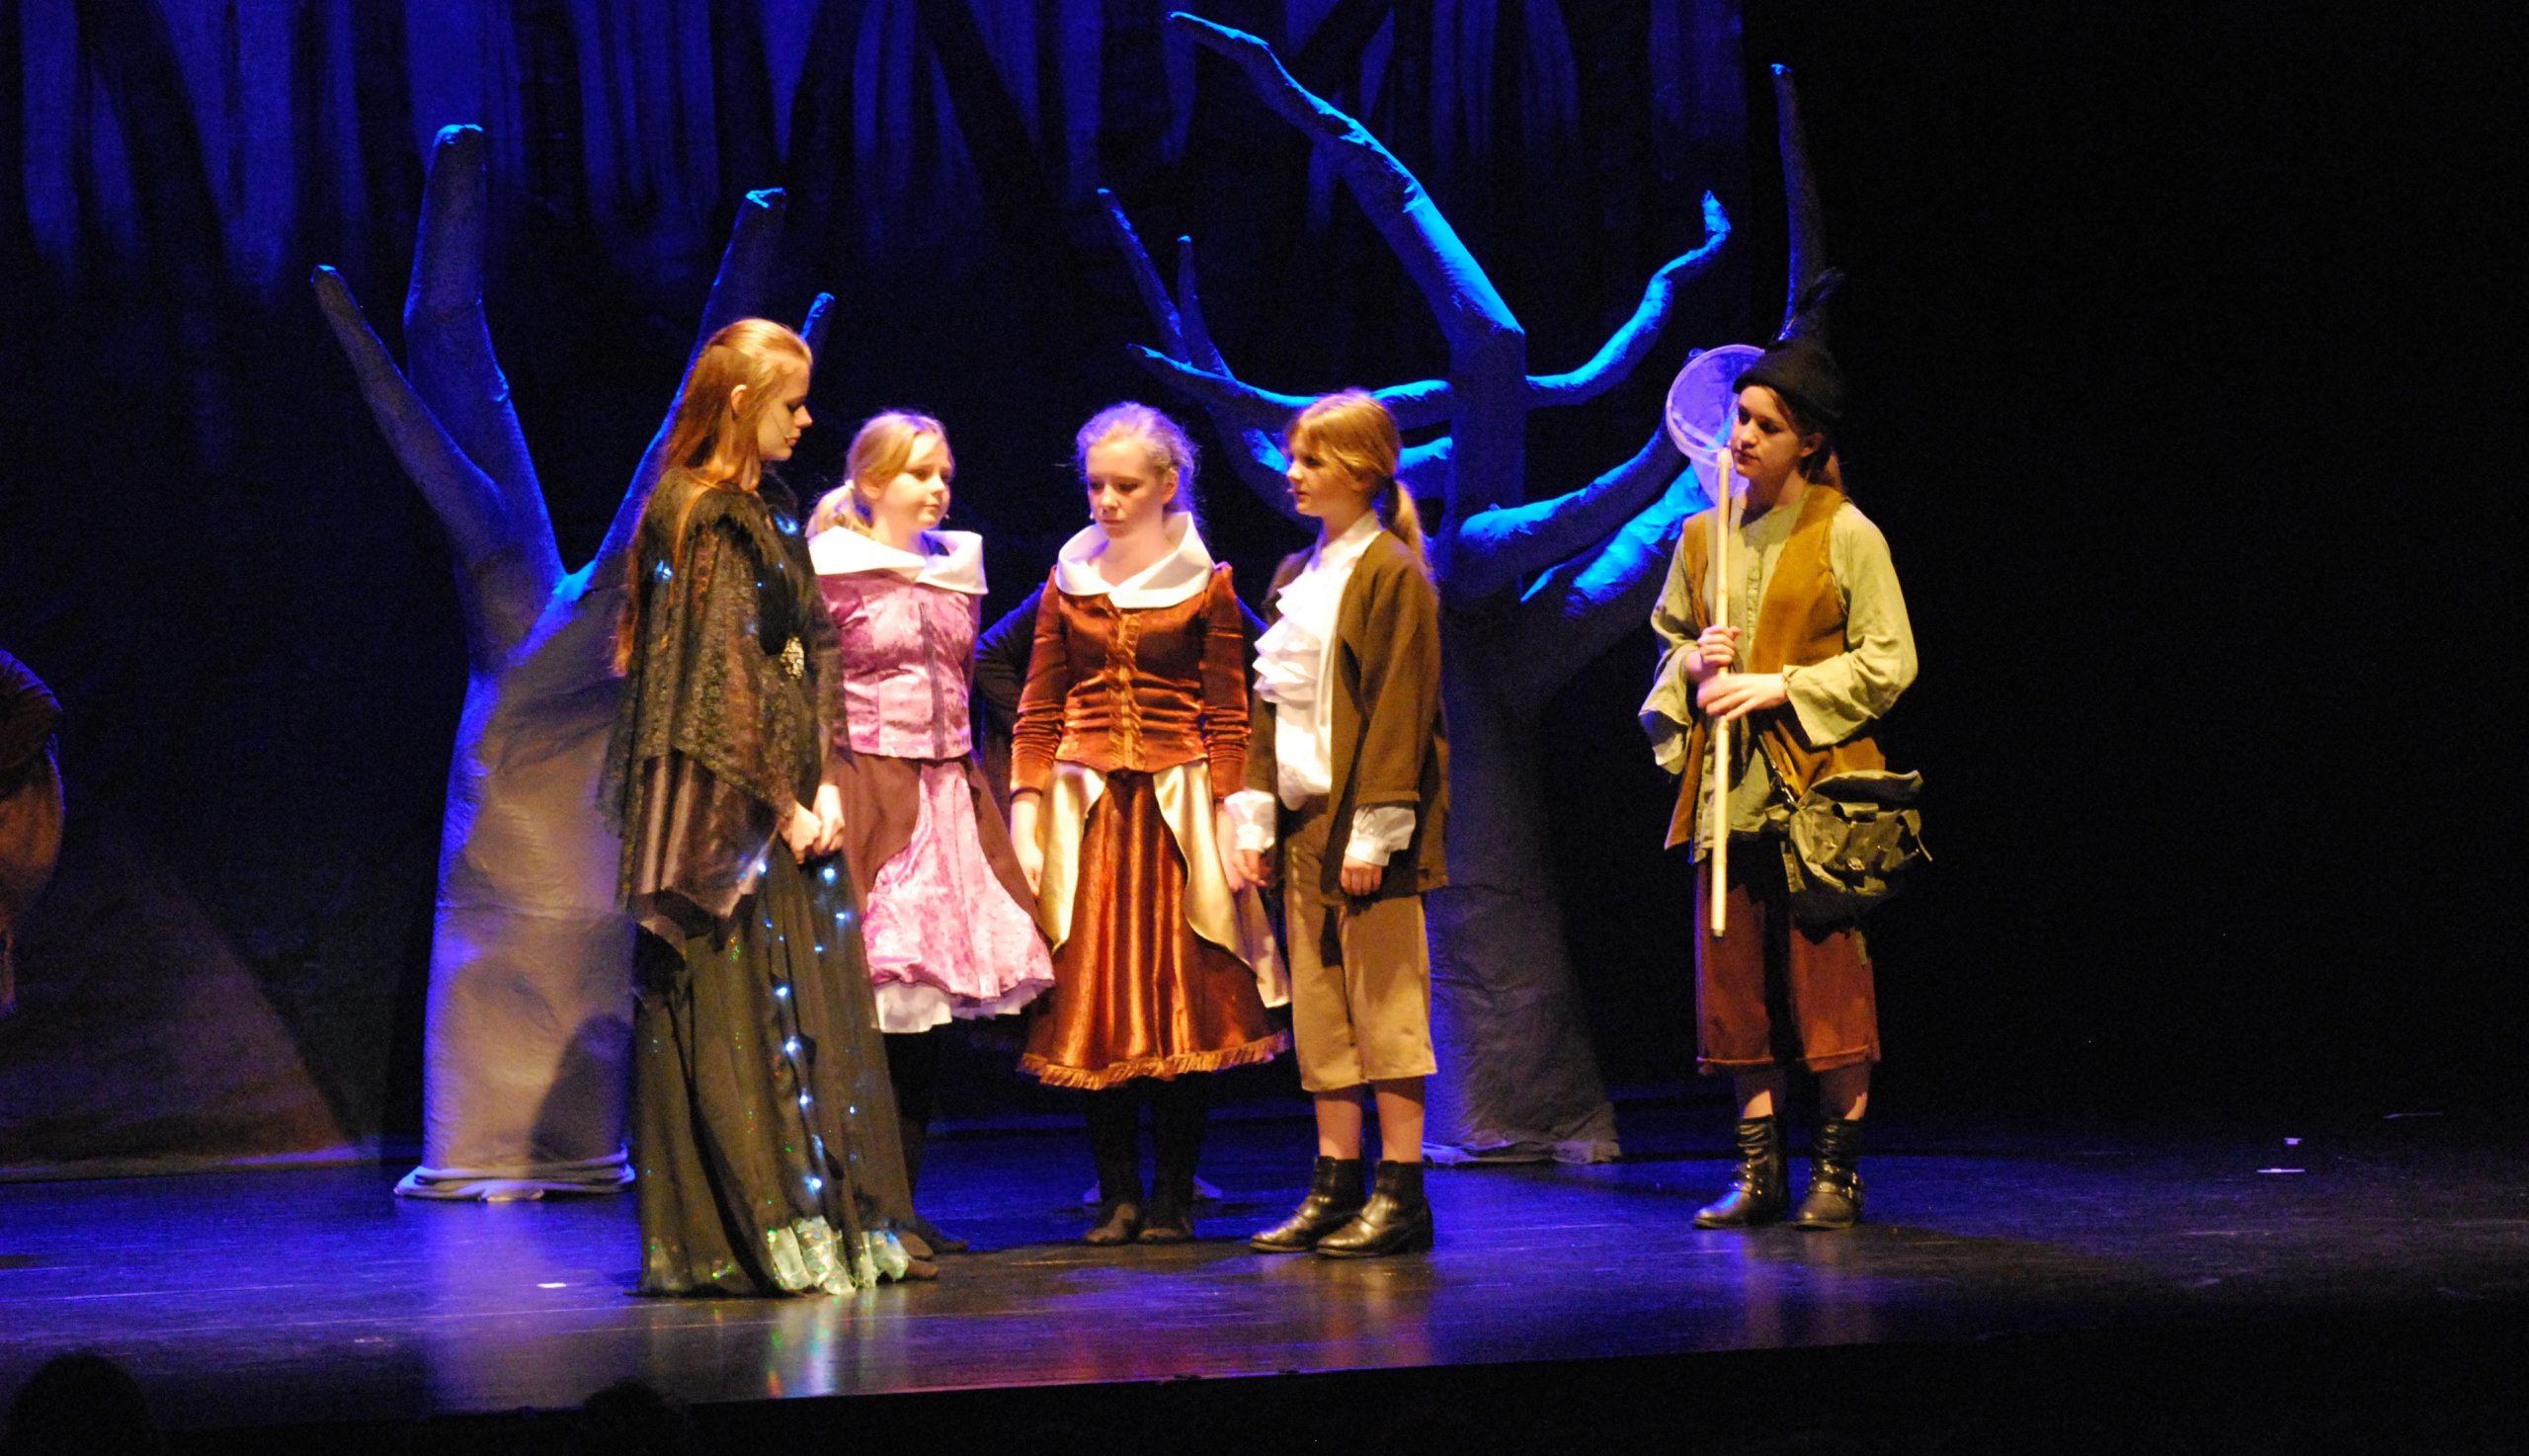 barn som spelar teater